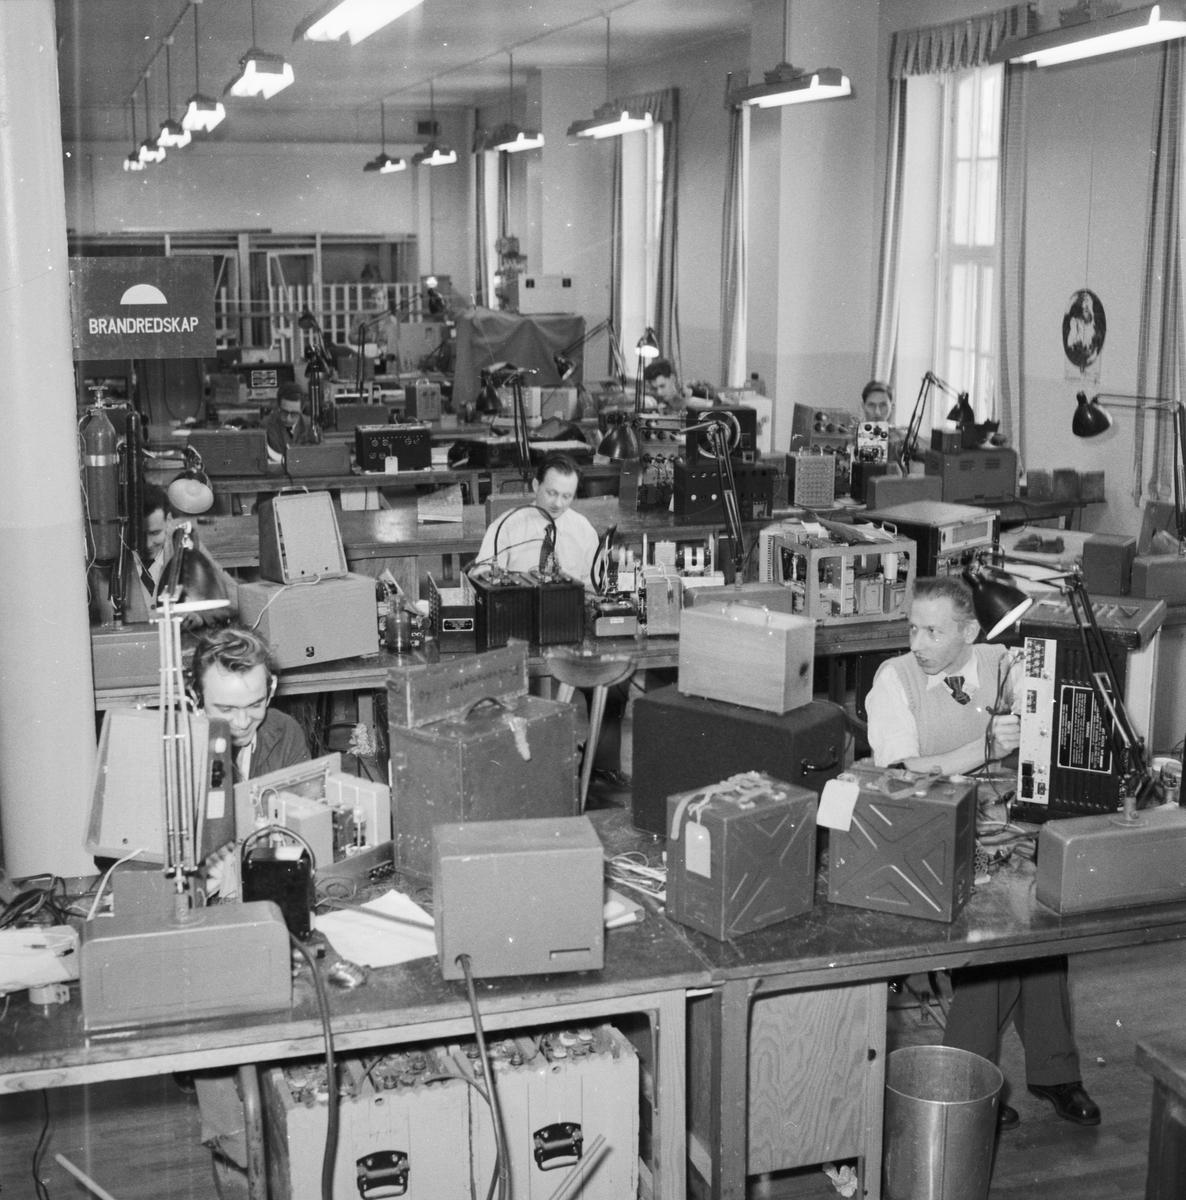 Övrigt: Foto datum: 3/2 1956 Byggnader och kranar Televerkstan interiör. Närmast identisk bild: V8659, ej skannad